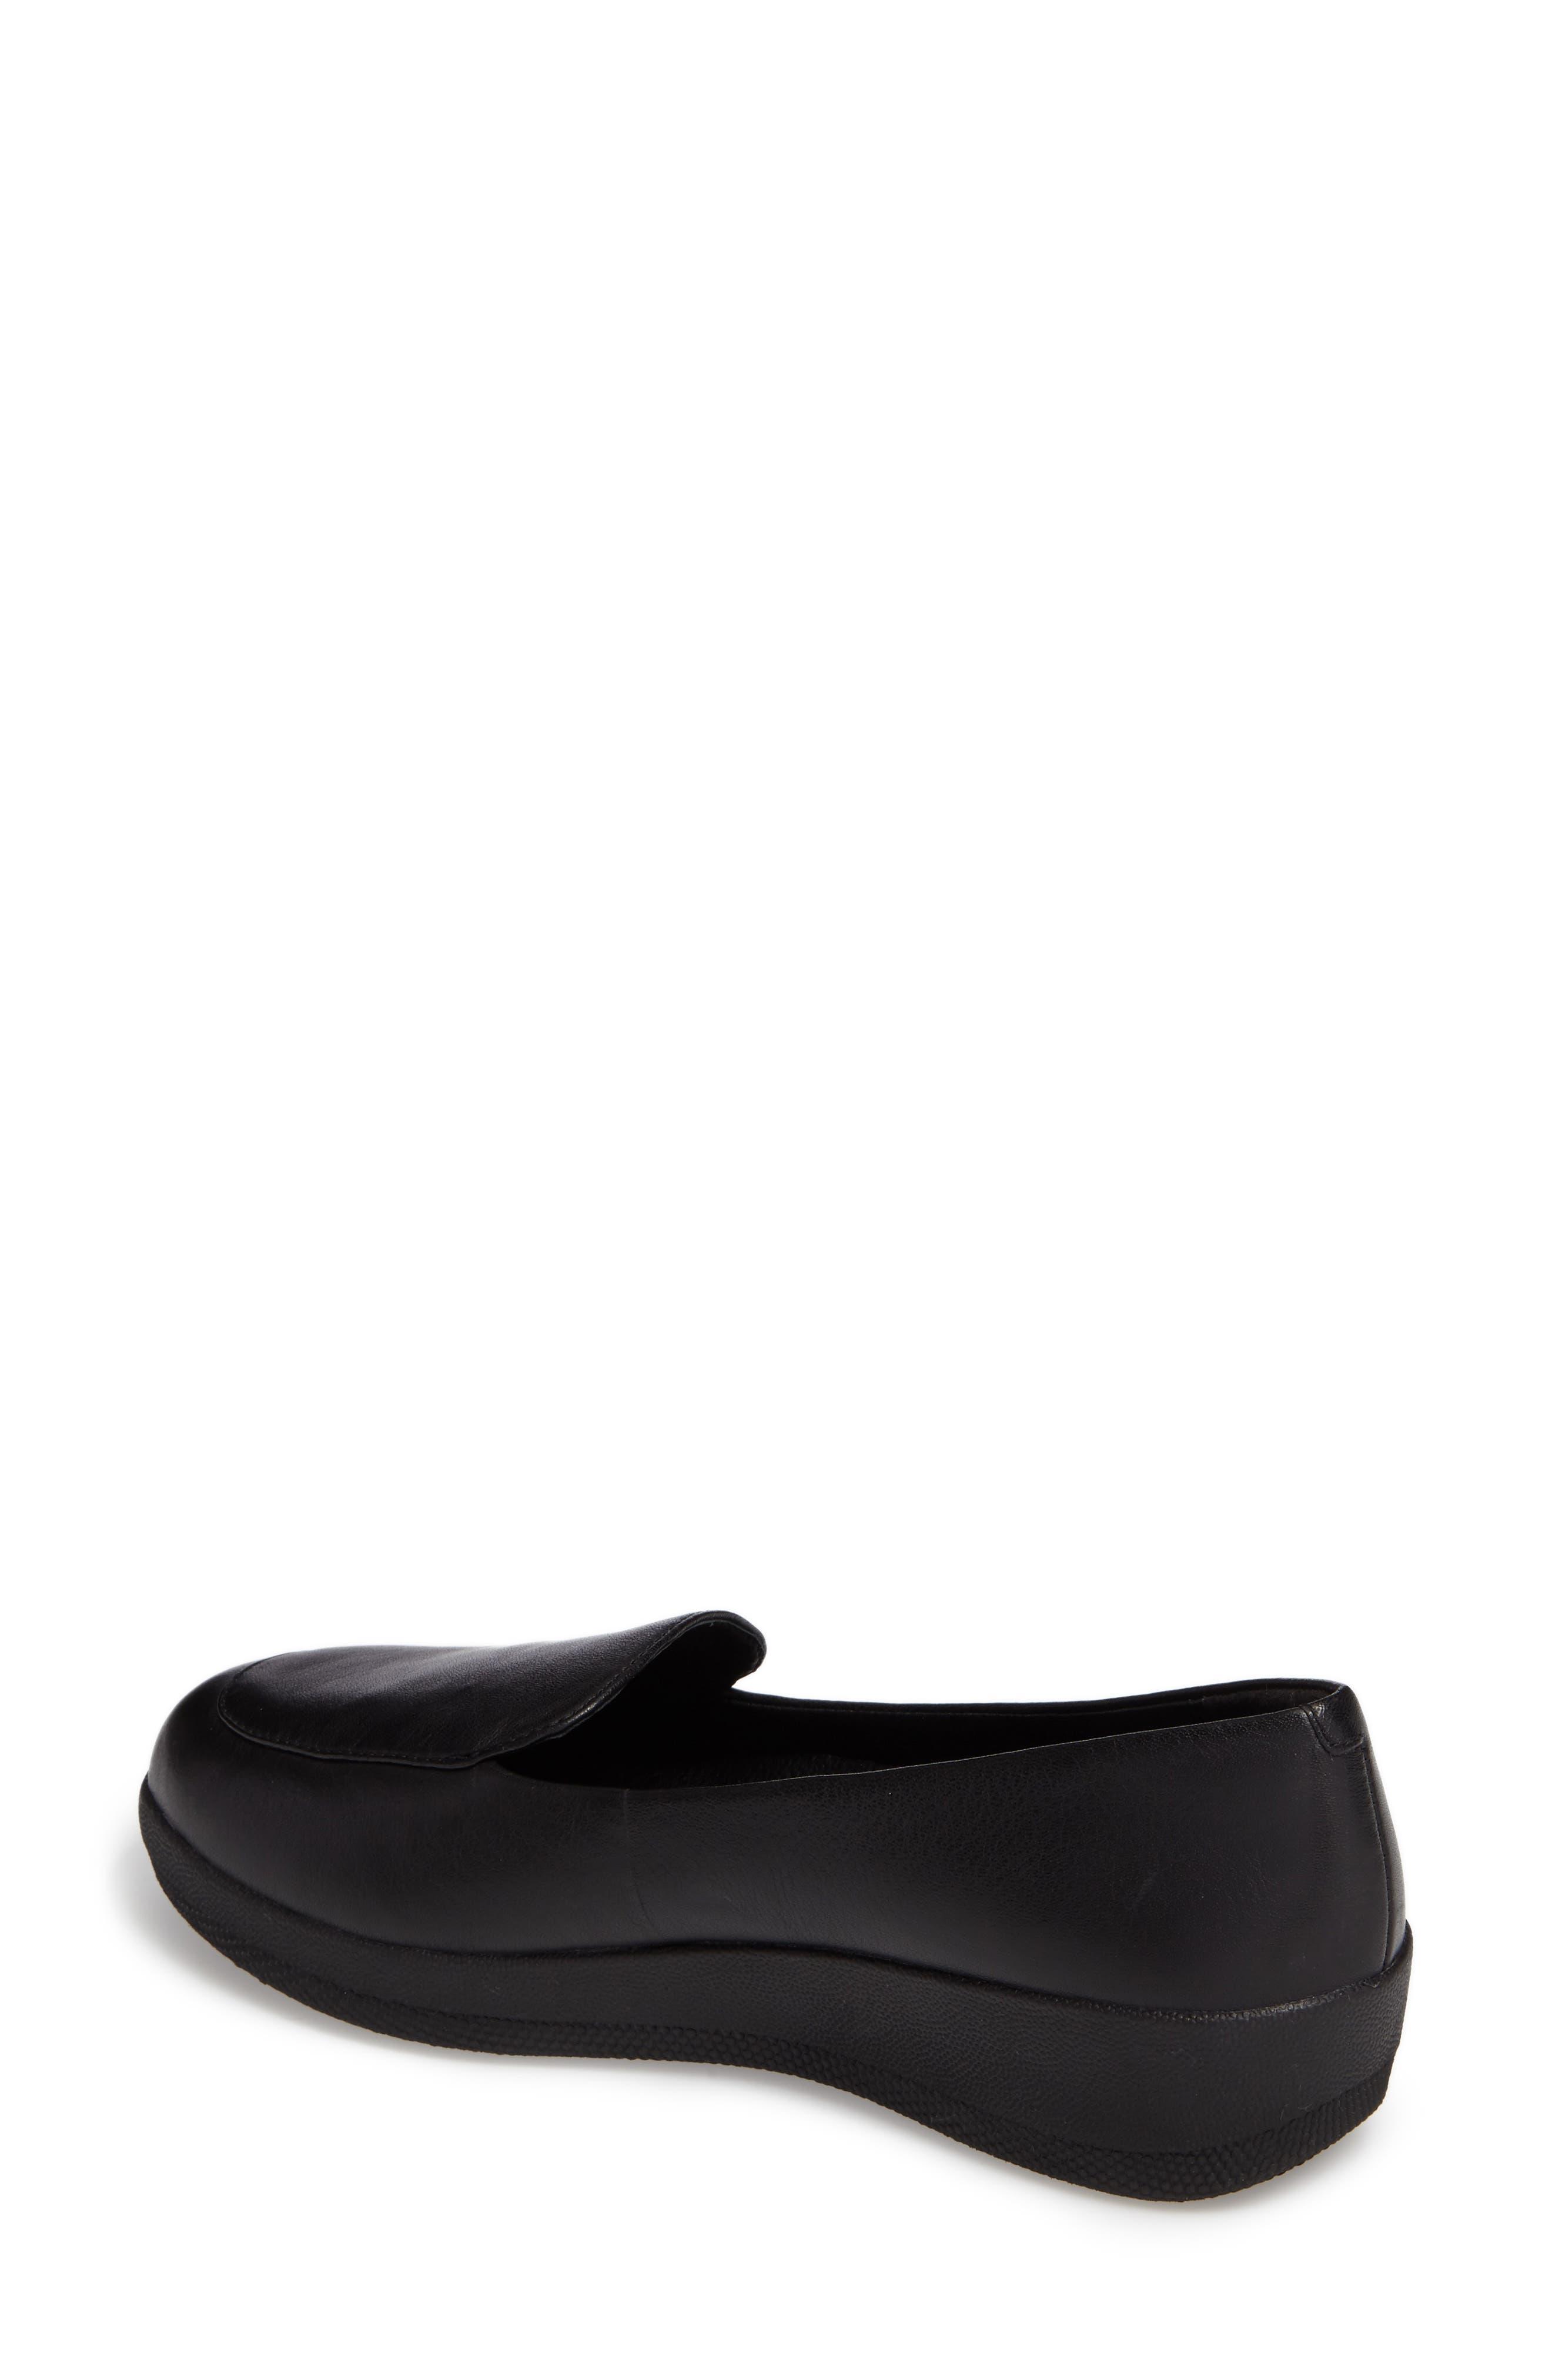 Sneaker Loafer Flat,                             Alternate thumbnail 2, color,                             001